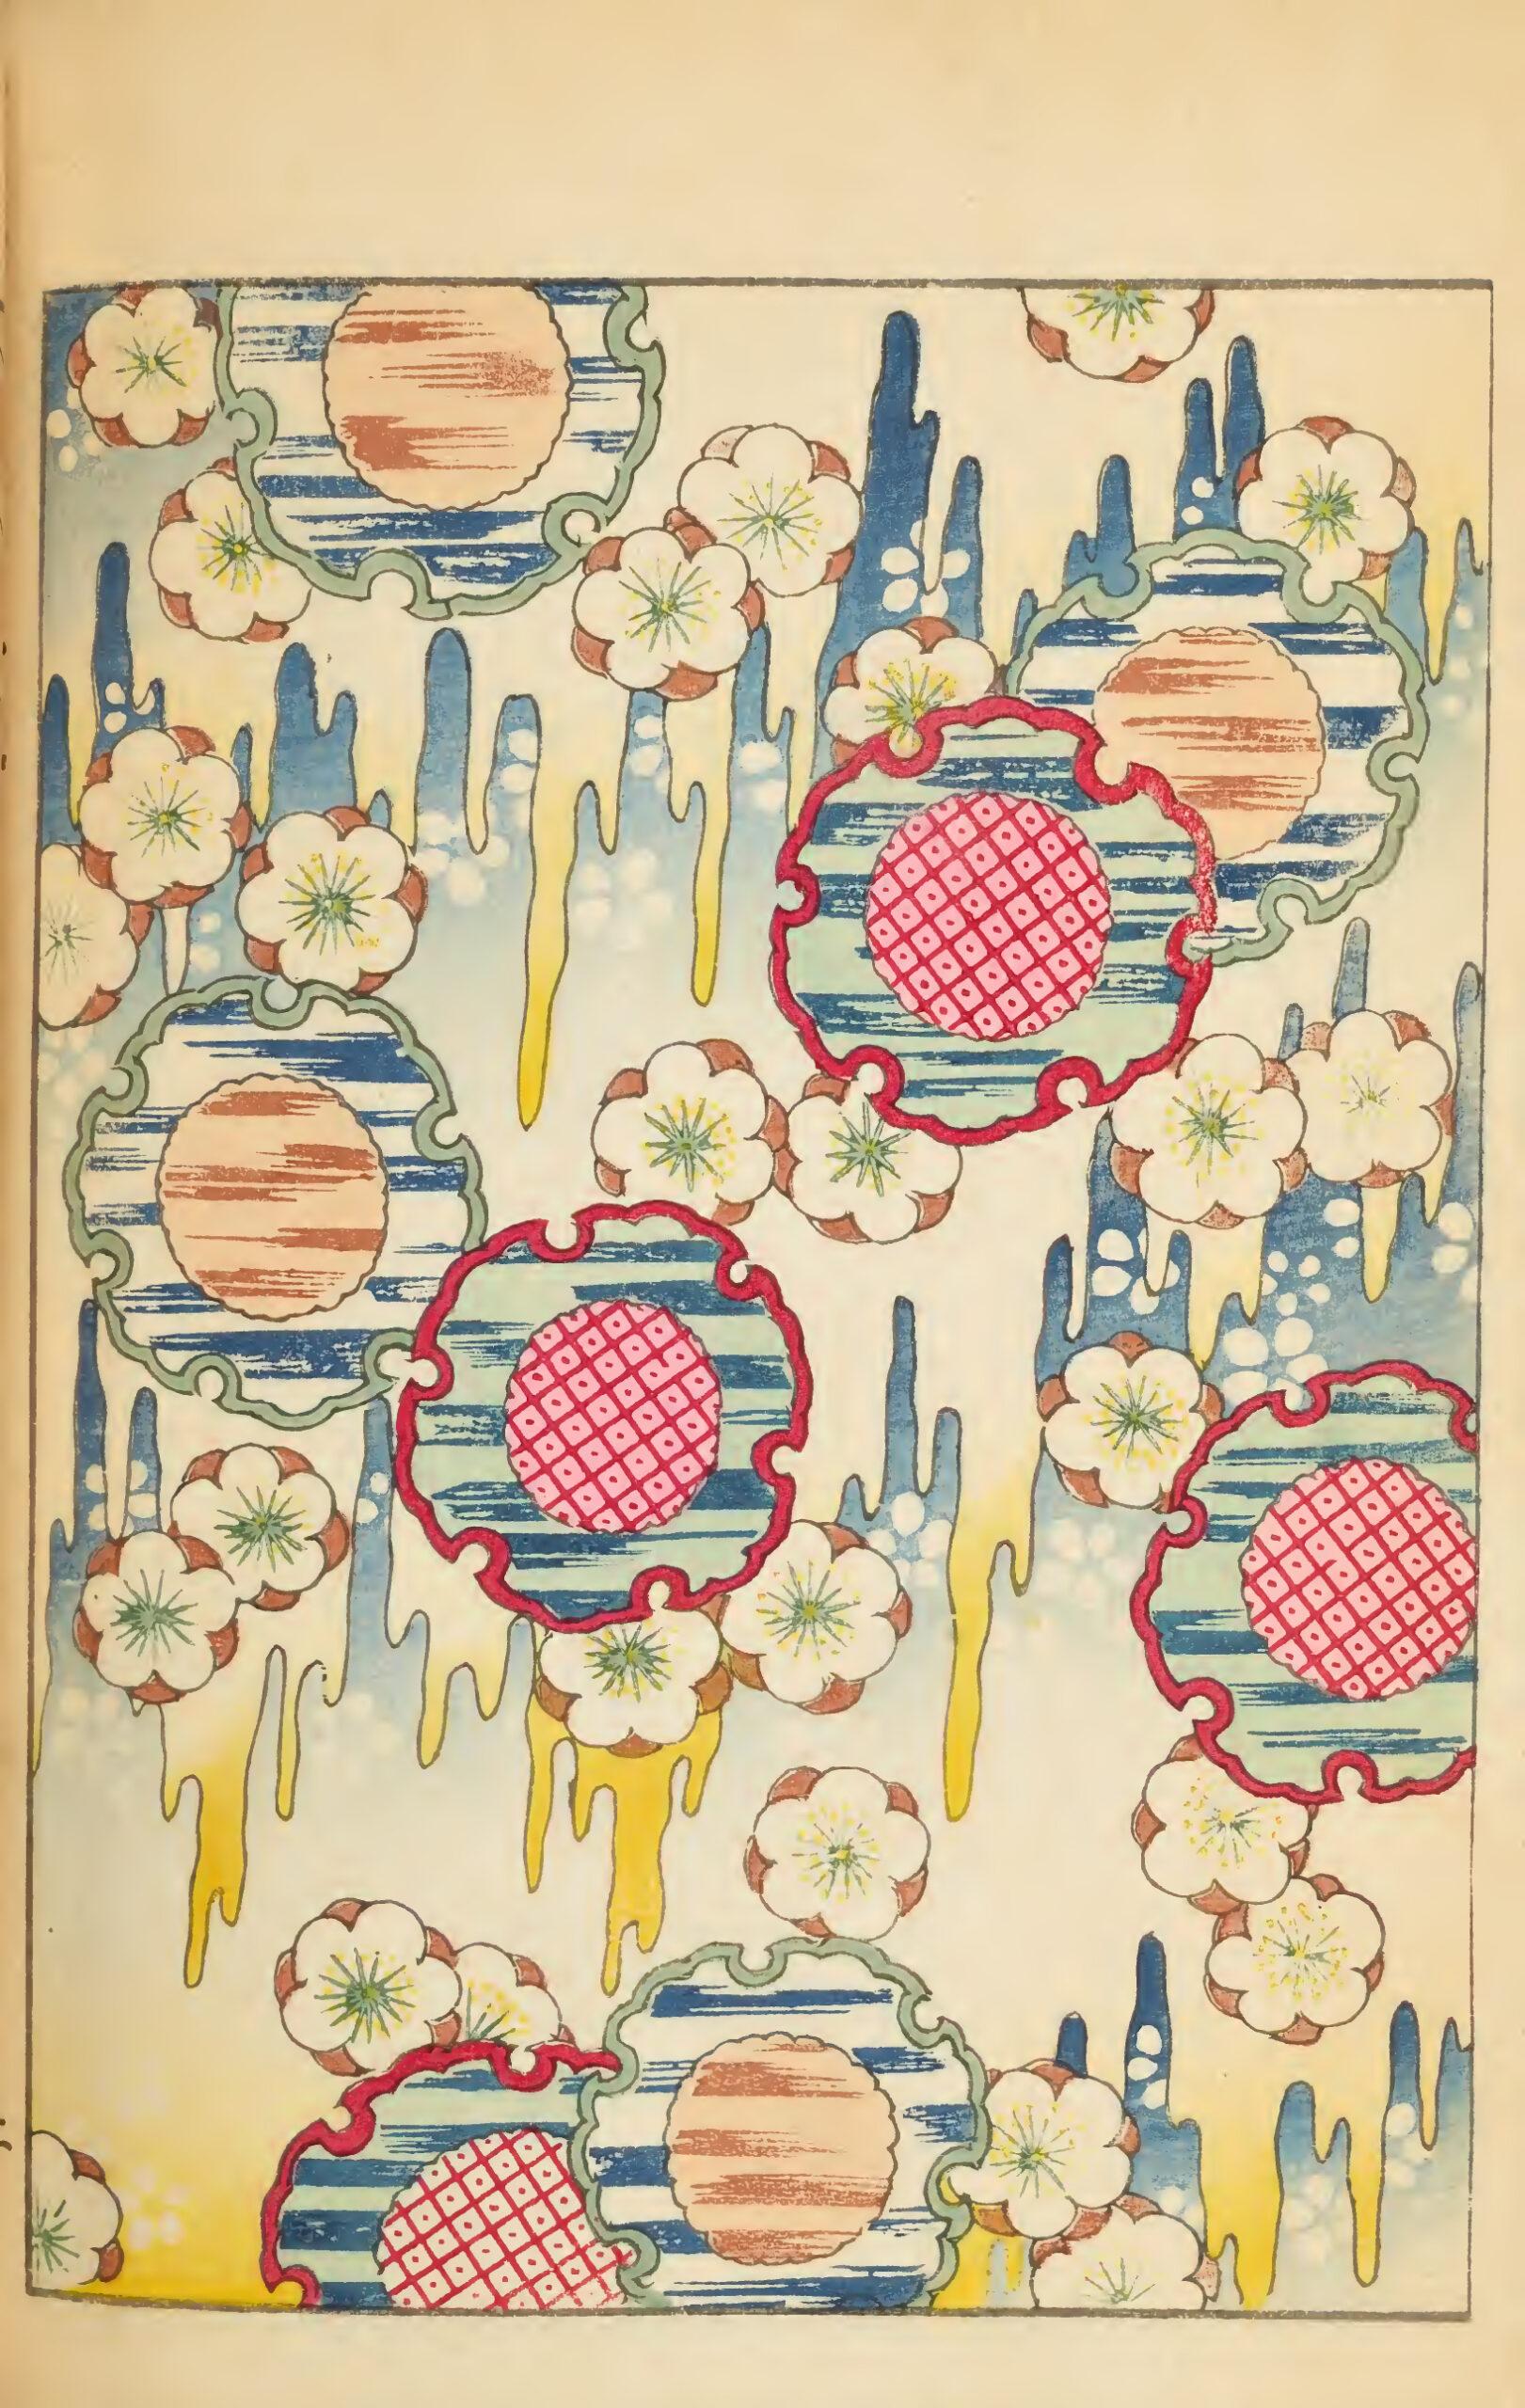 Stampe d'arte giapponesi antiche dallo Shin-Bijutsukai